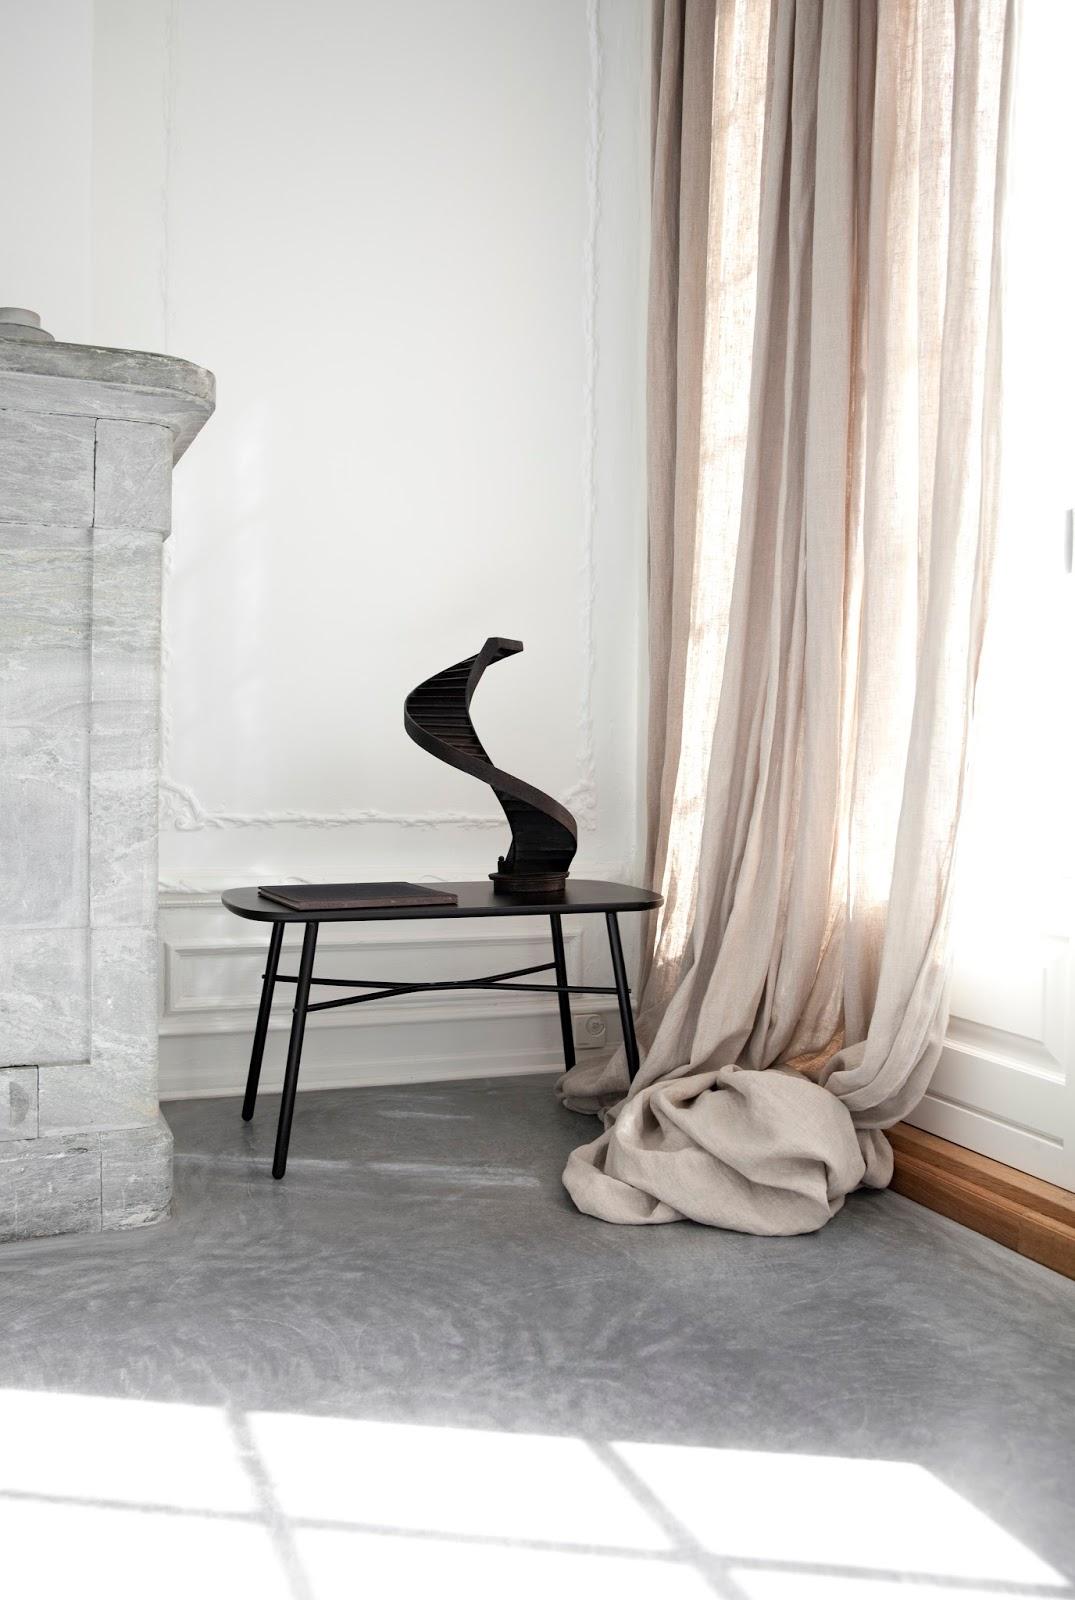 Jak zastosować małą ławeczkę w mieszkaniu?